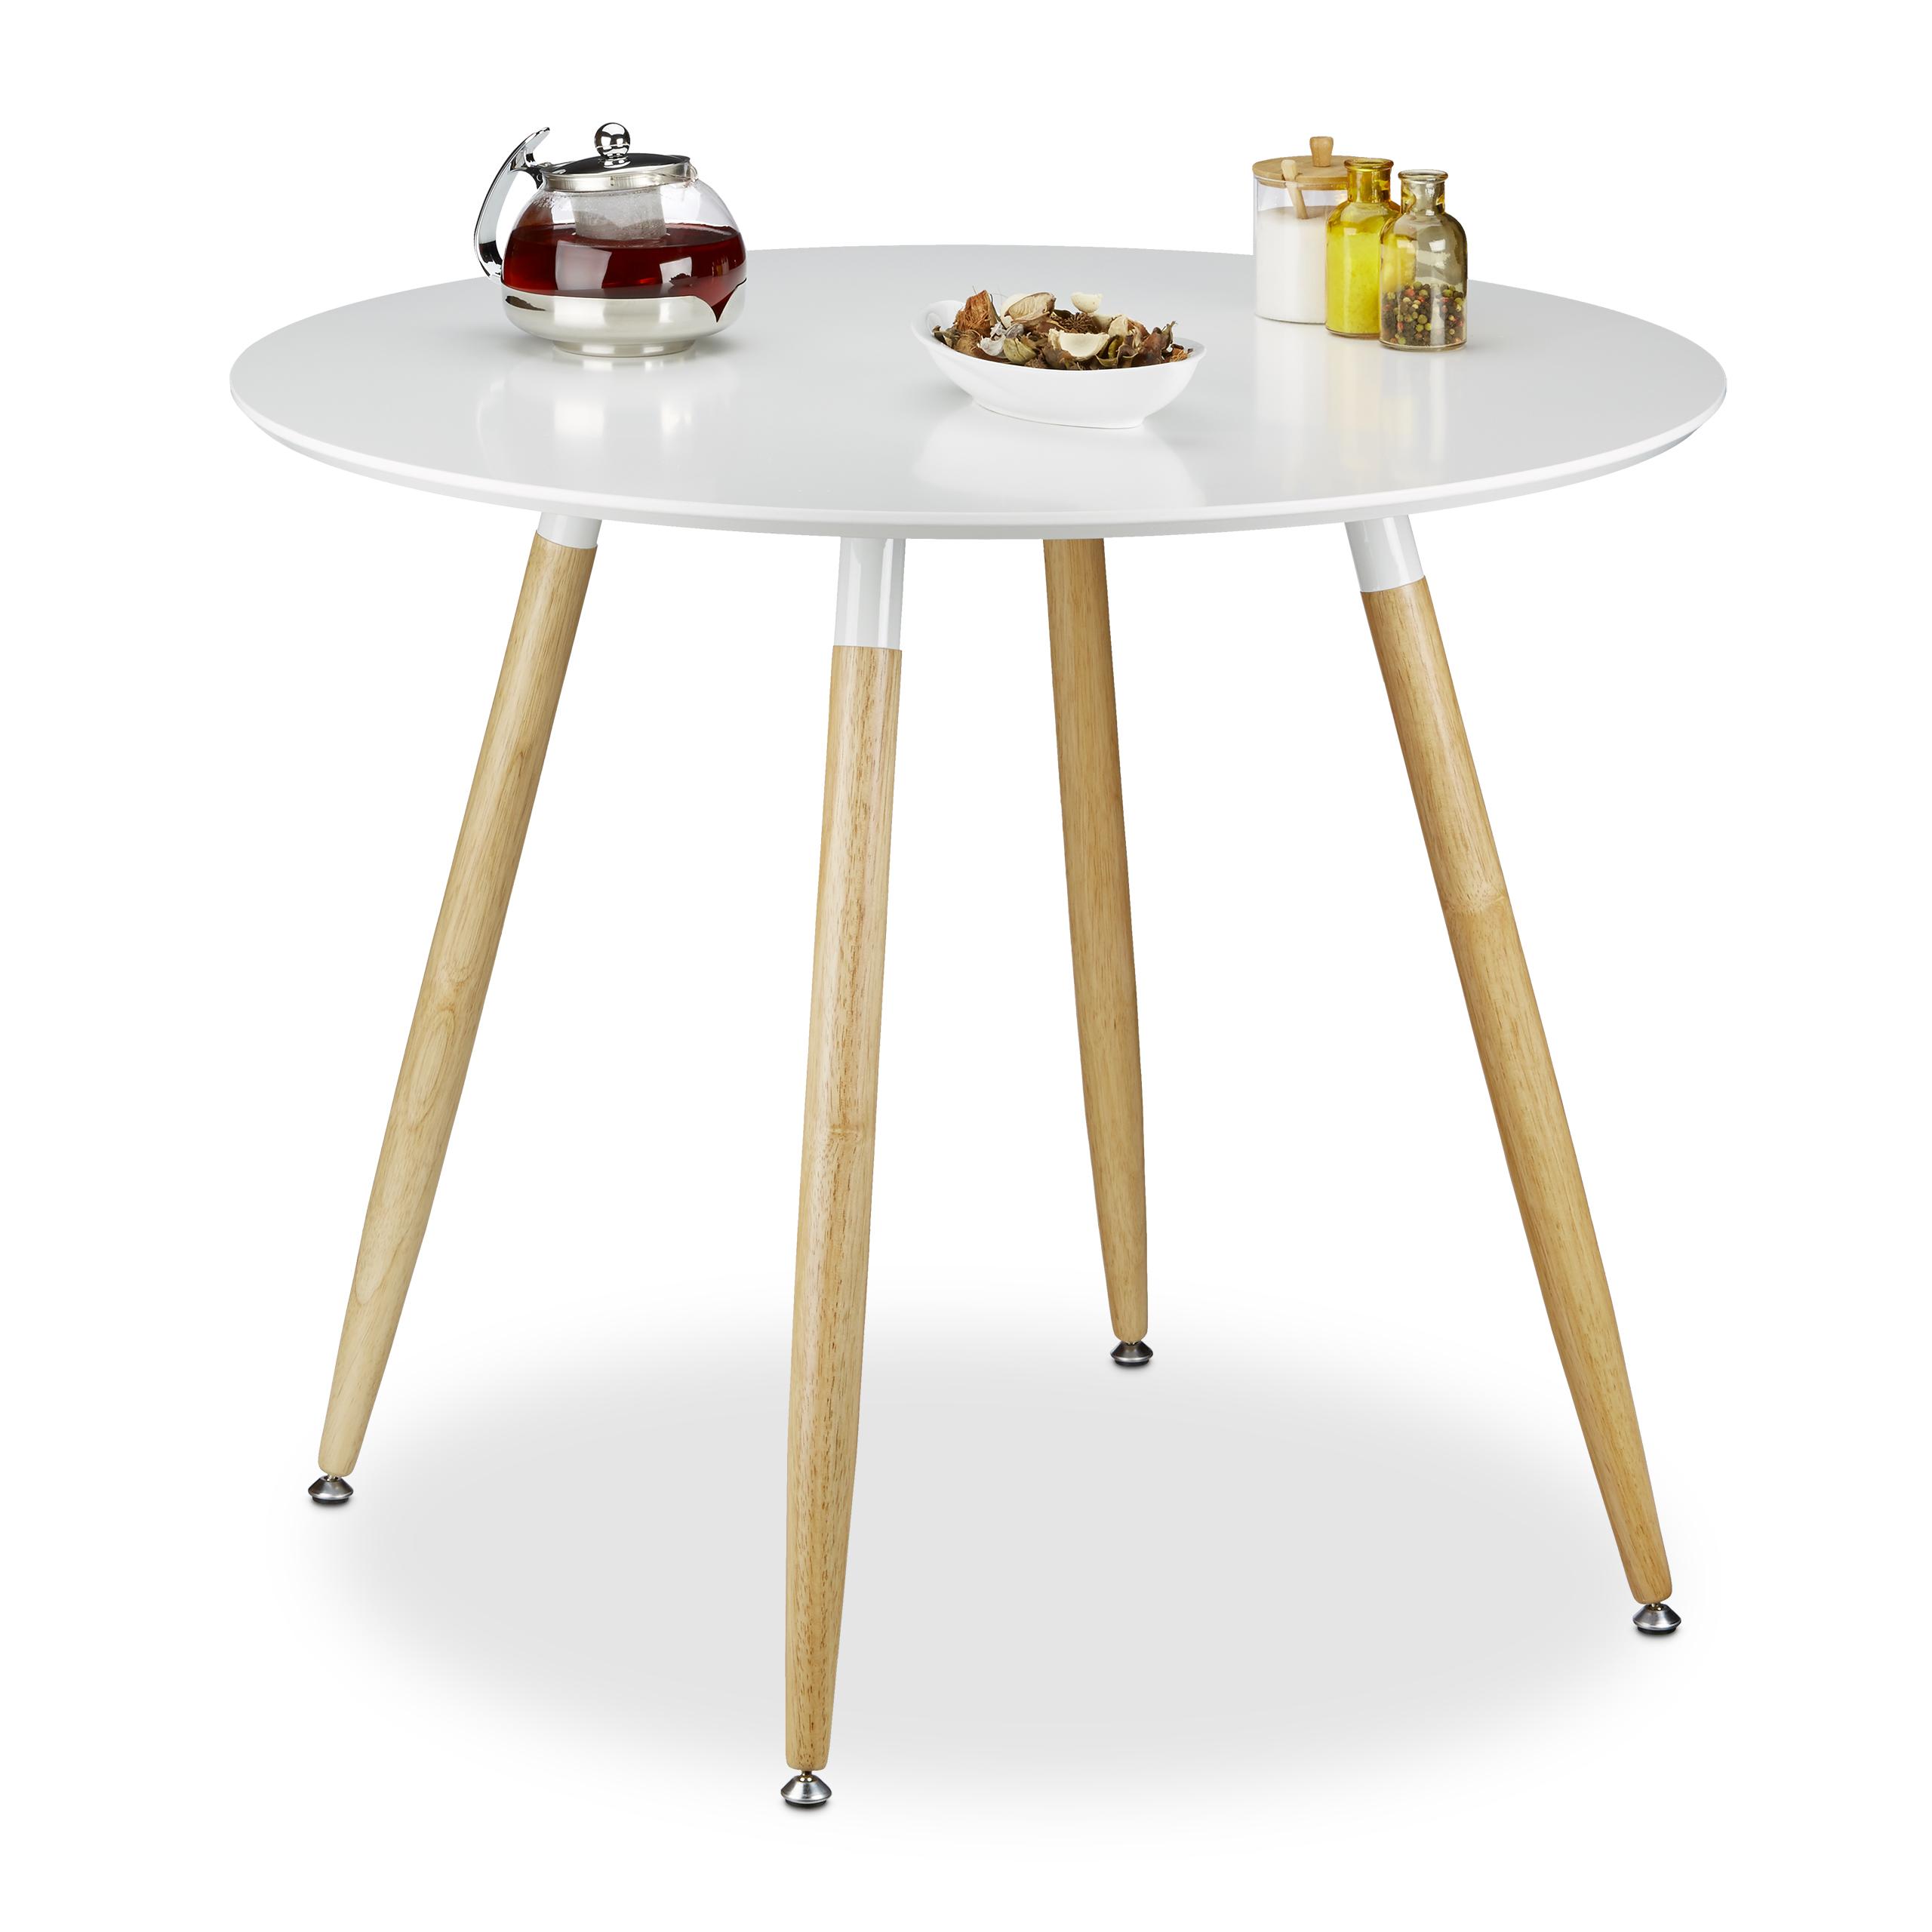 Esstisch rund nordisch skandinavisch Designer Tisch Holz